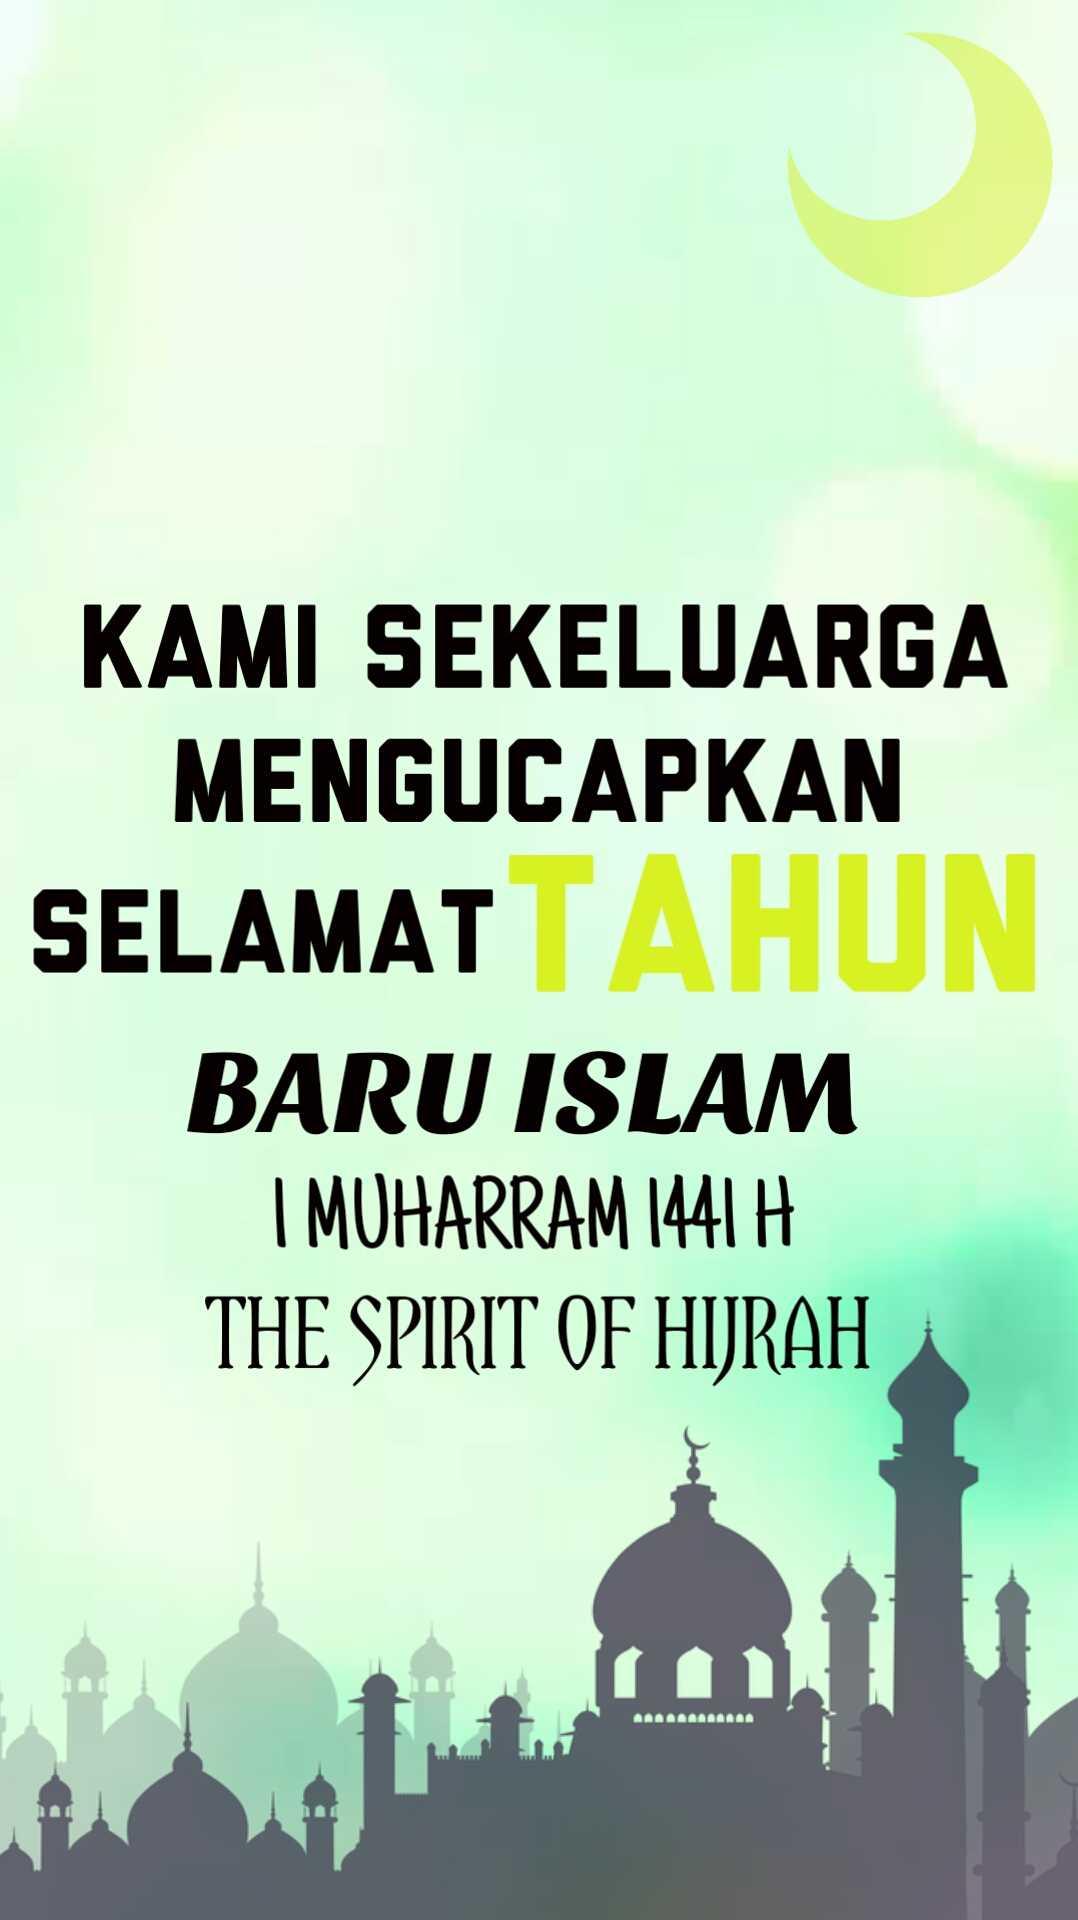 ucapan selamat tahun baru islam 1441 H